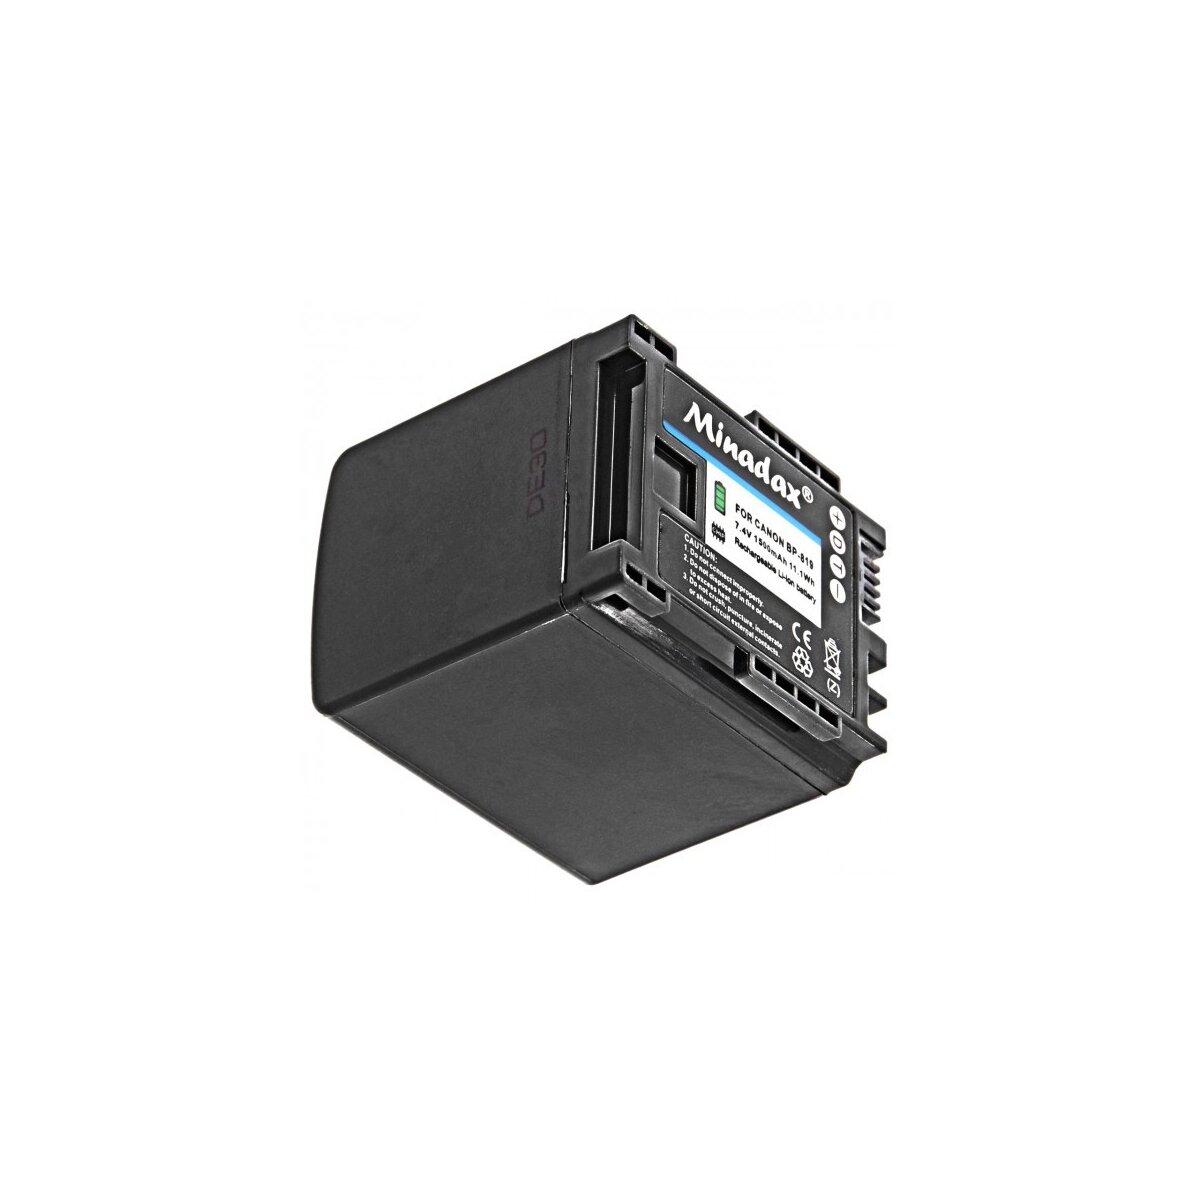 Minadax® Qualitätsakku mit echten 1500 mAh kompatibel mit Canon Canon XA20 XA25 LEGRIA HF G30 G25 G20 G10 M30 M31 M32 M40 M41 M300 M301 M400 S10 S11 S1400 , Ersatz für BP-819 - Intelligentes Akkusystem mit Chip